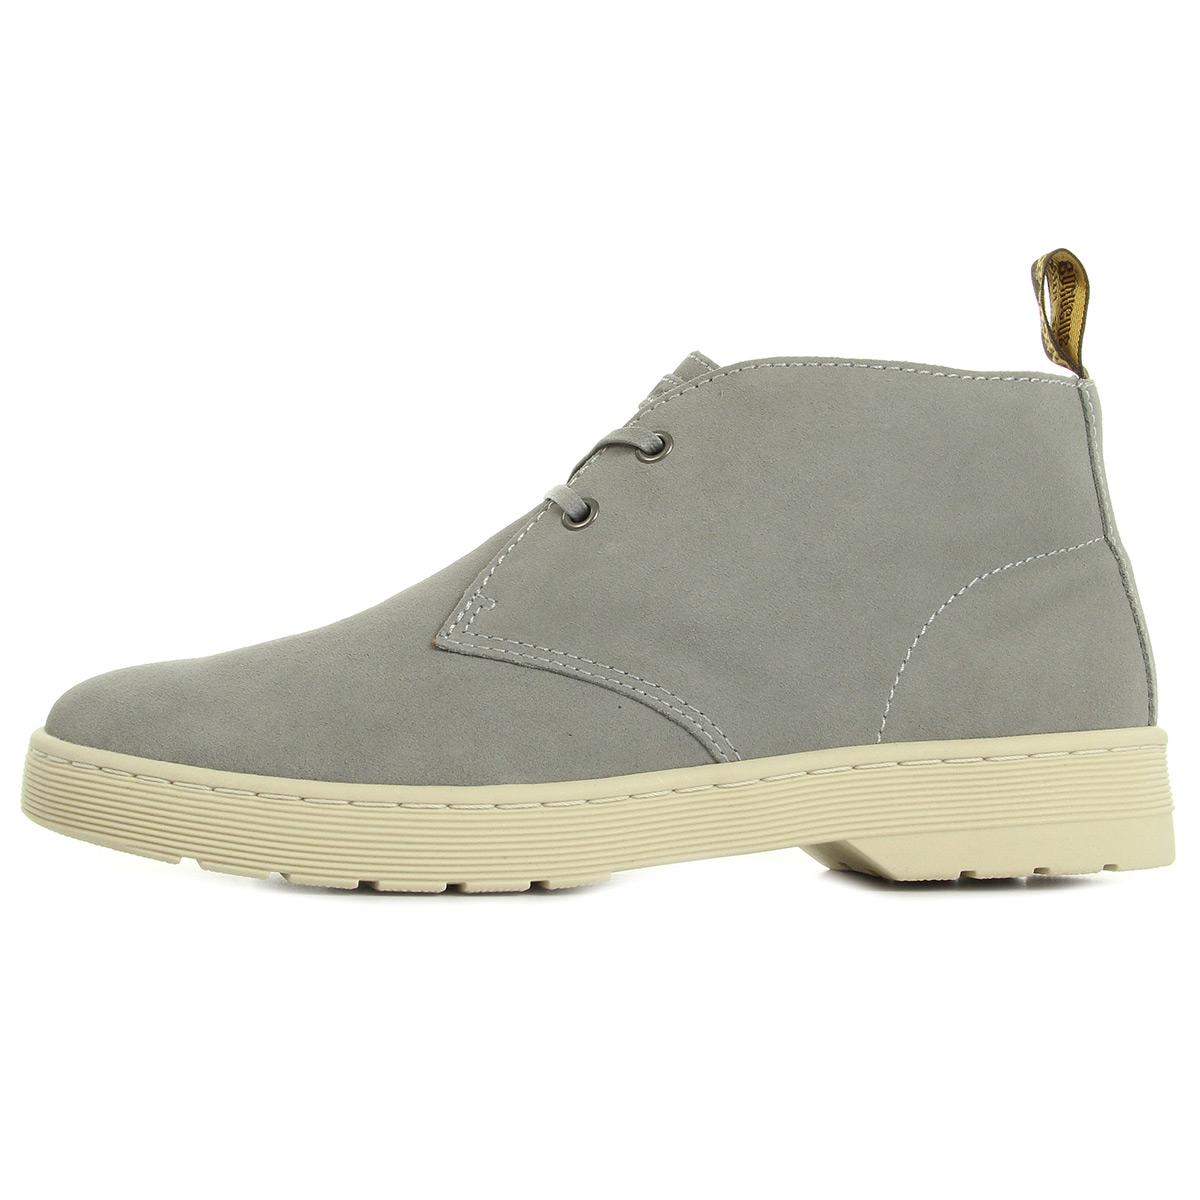 Boots Dr Martens Cabrillo Hi Suede Wp Mid Grey Dh5O55A8fU